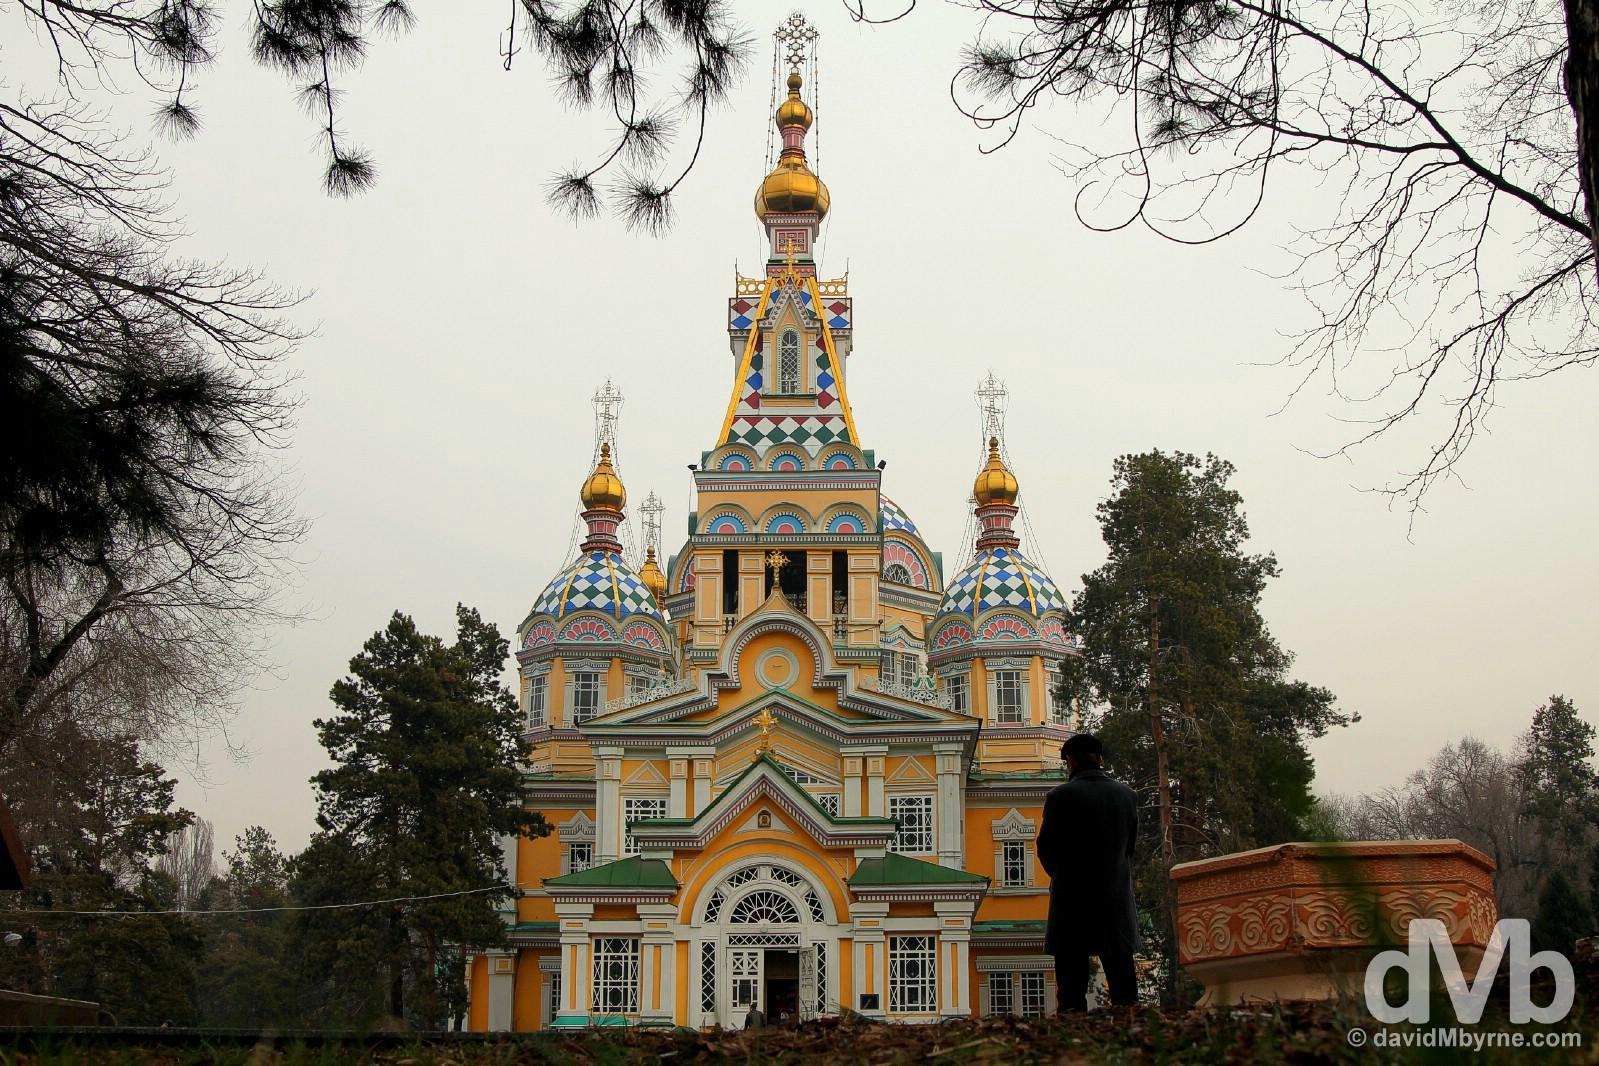 Zenkov Cathedral in Panfilov Park, Almaty, Kazakhstan. February 15, 2015.